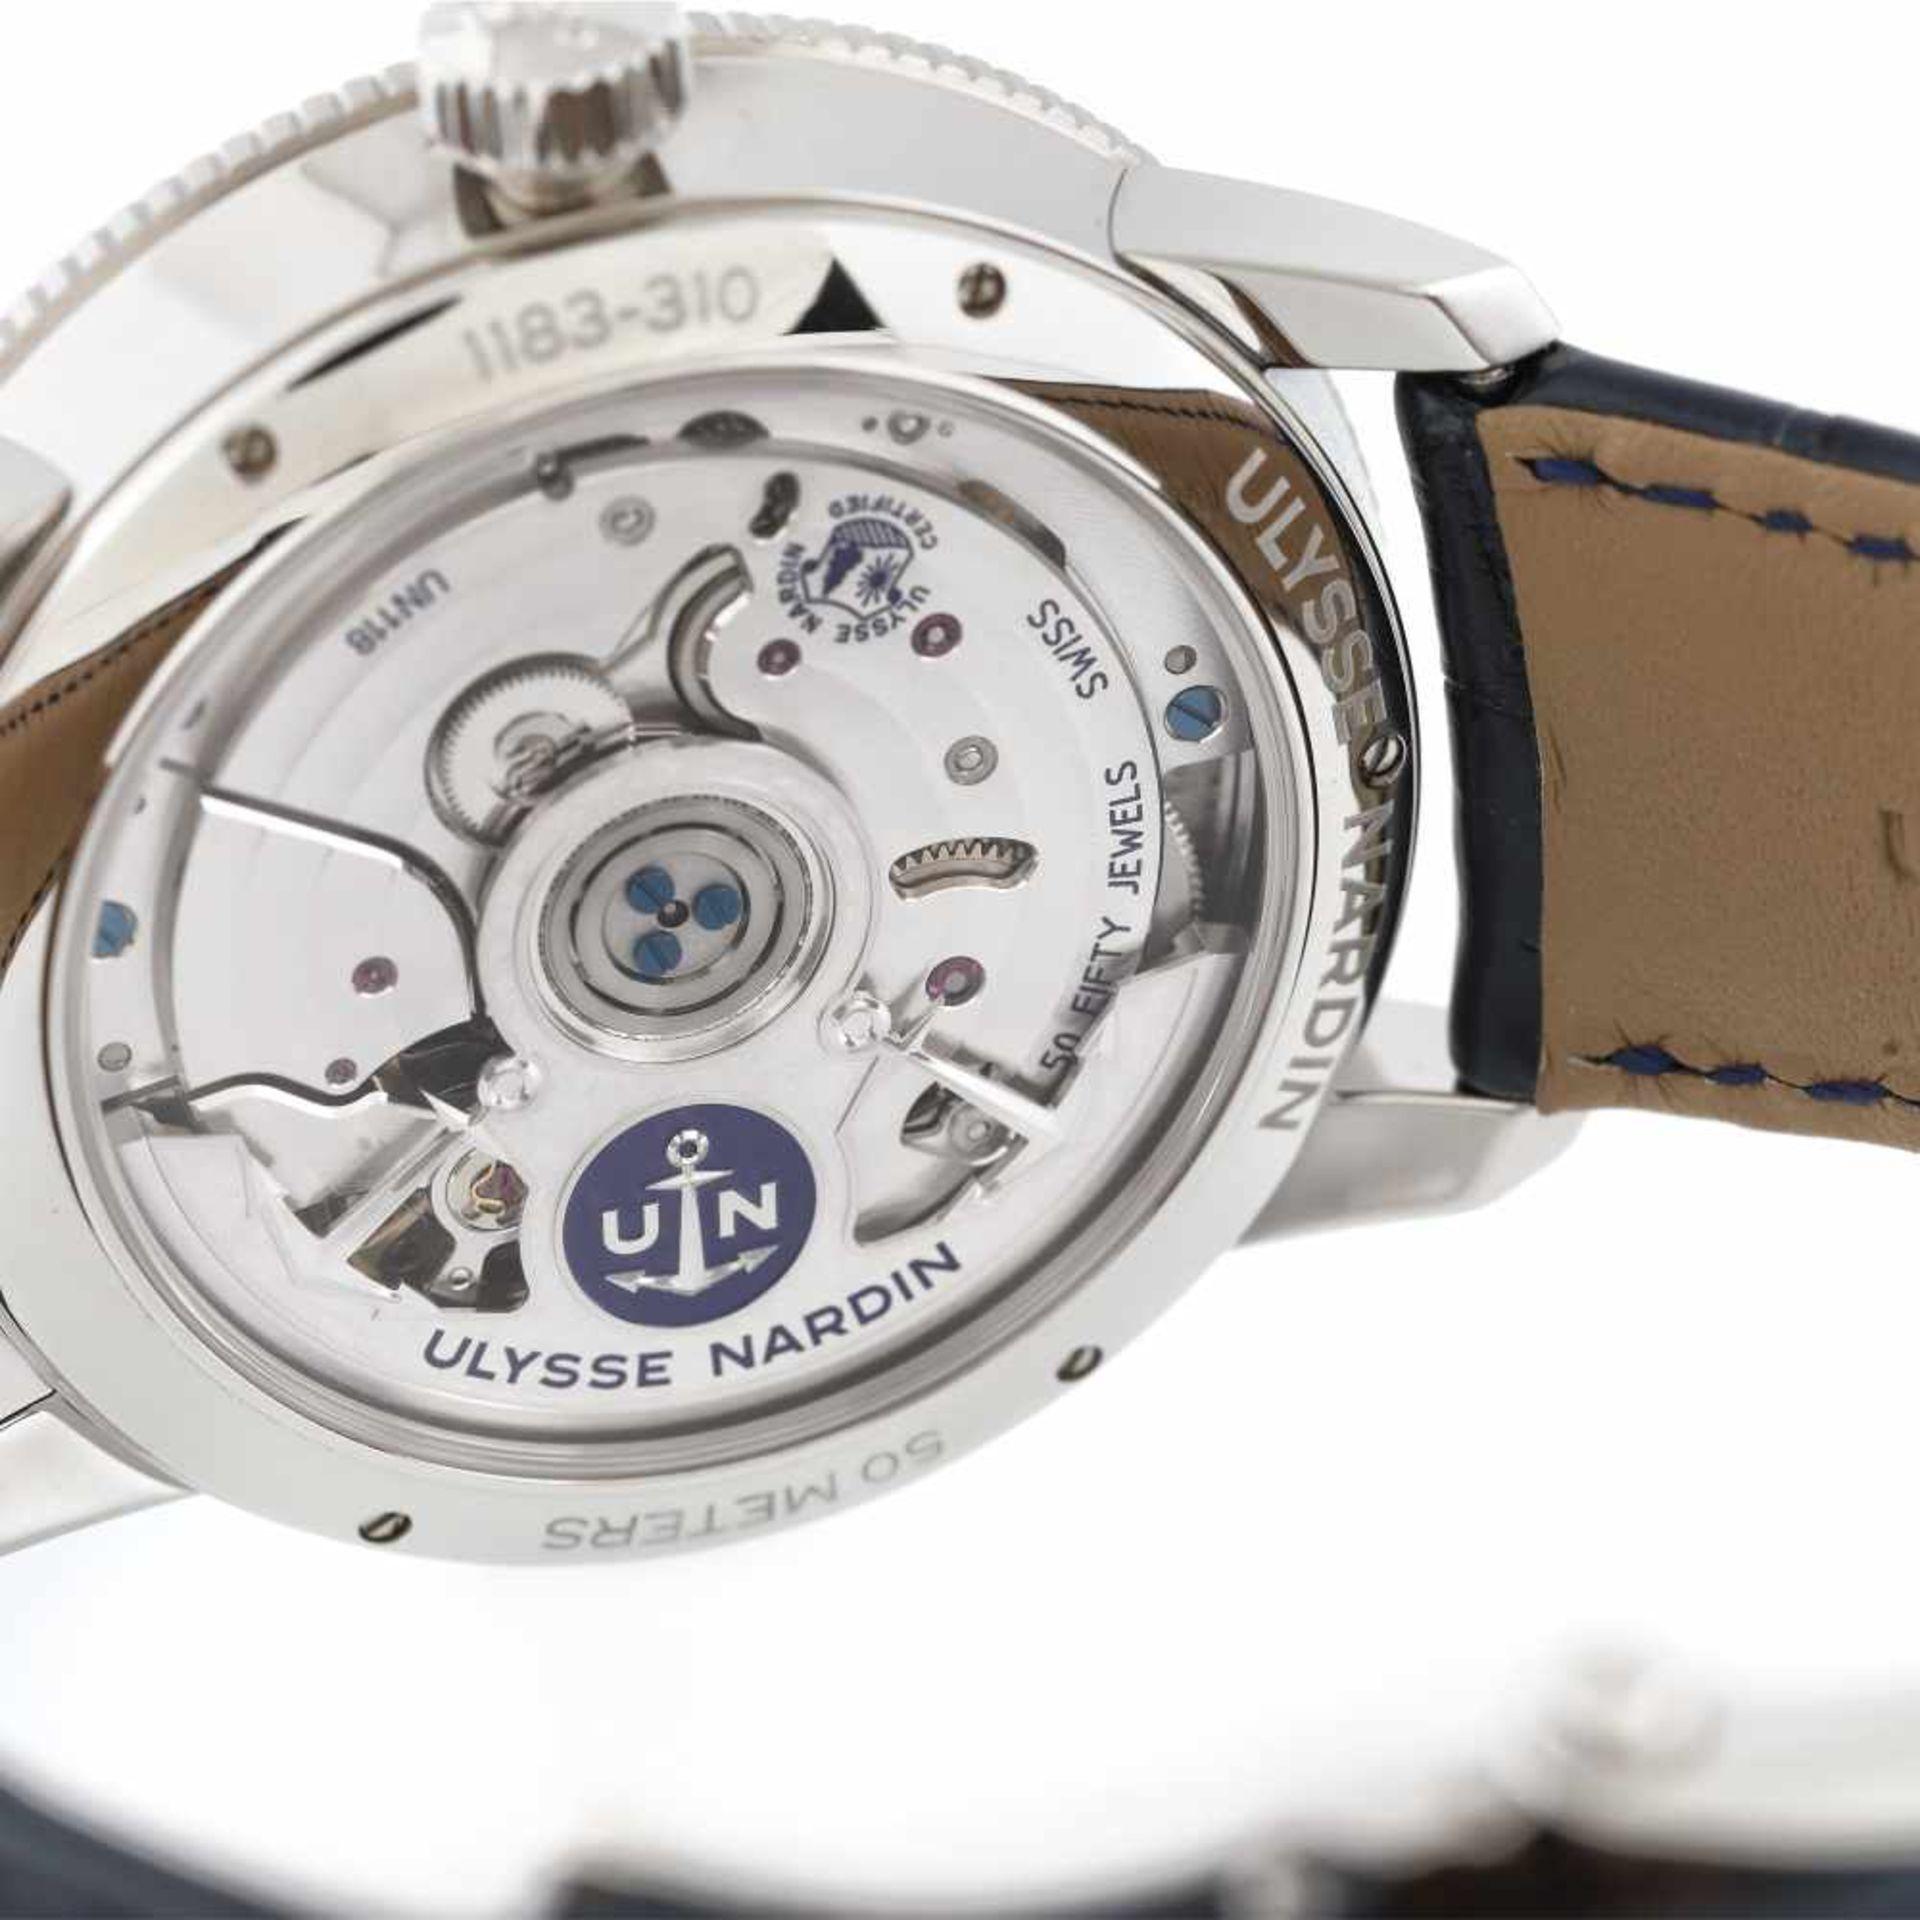 Ulysse Nardin Marine Torpilleur wristwatch, men, original box and authenticity documents - Bild 4 aus 5